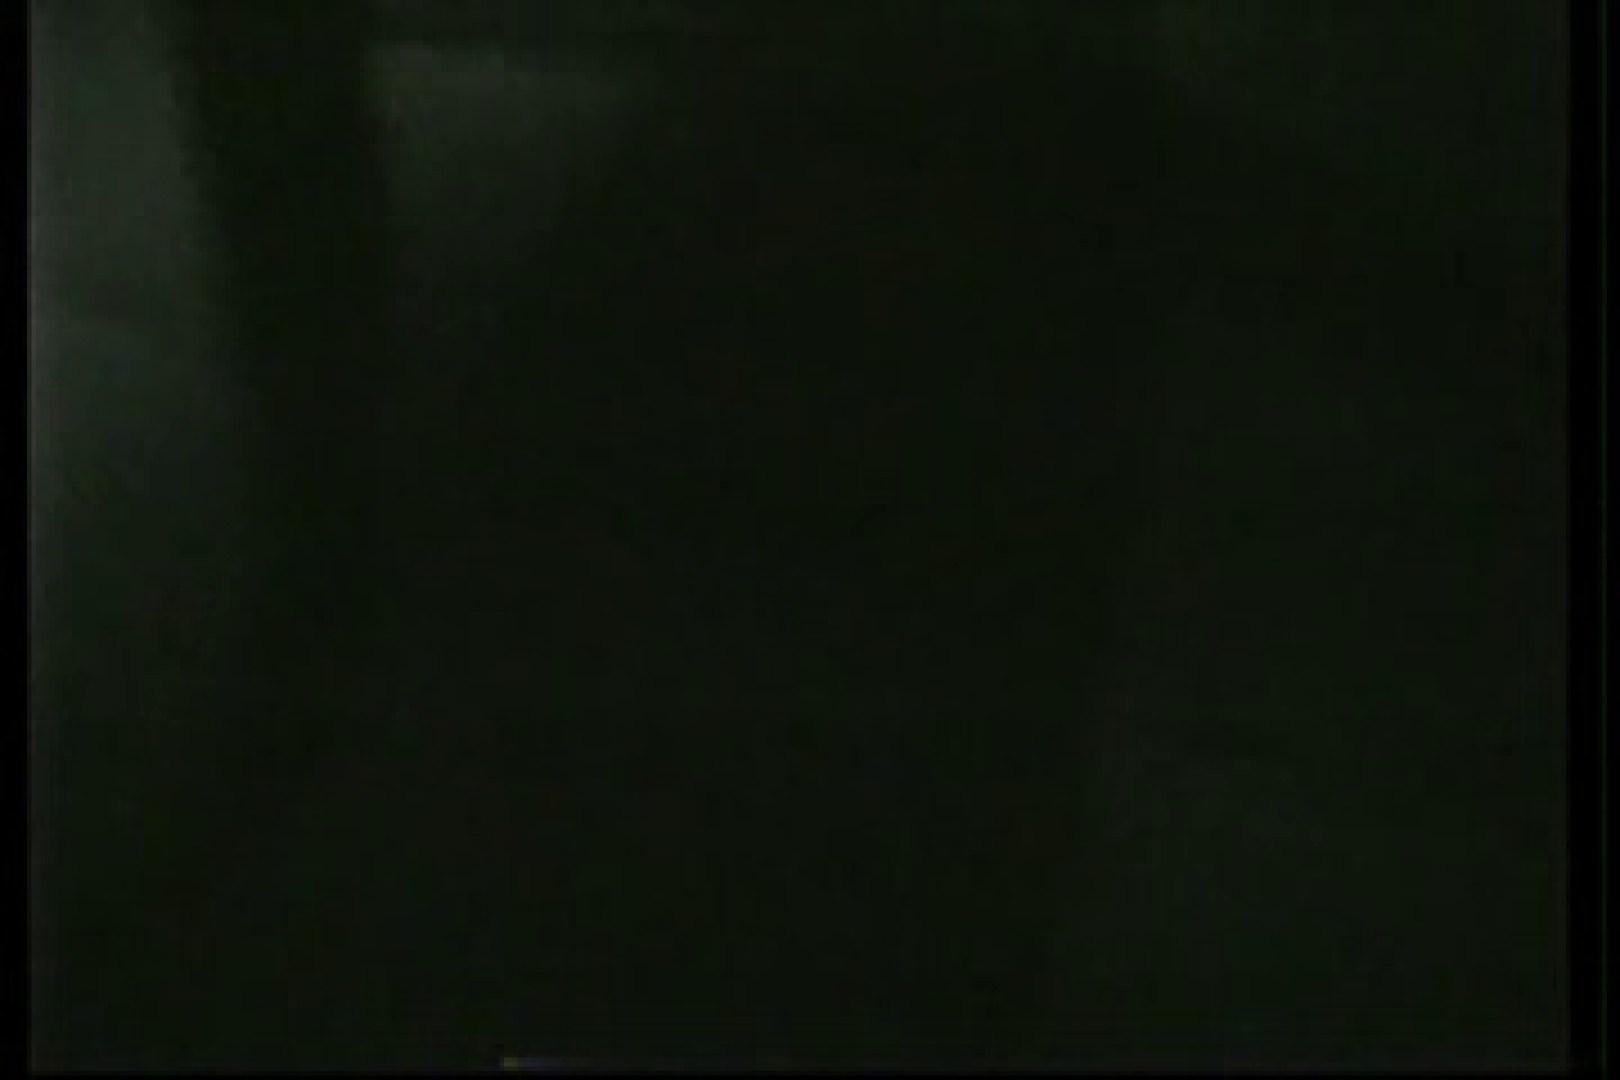 【実録個人撮影】男の子達の禁断の愛欲性活!!vol.02(対女性アナル責め) 縛・テクニック ゲイAV画像 105枚 67